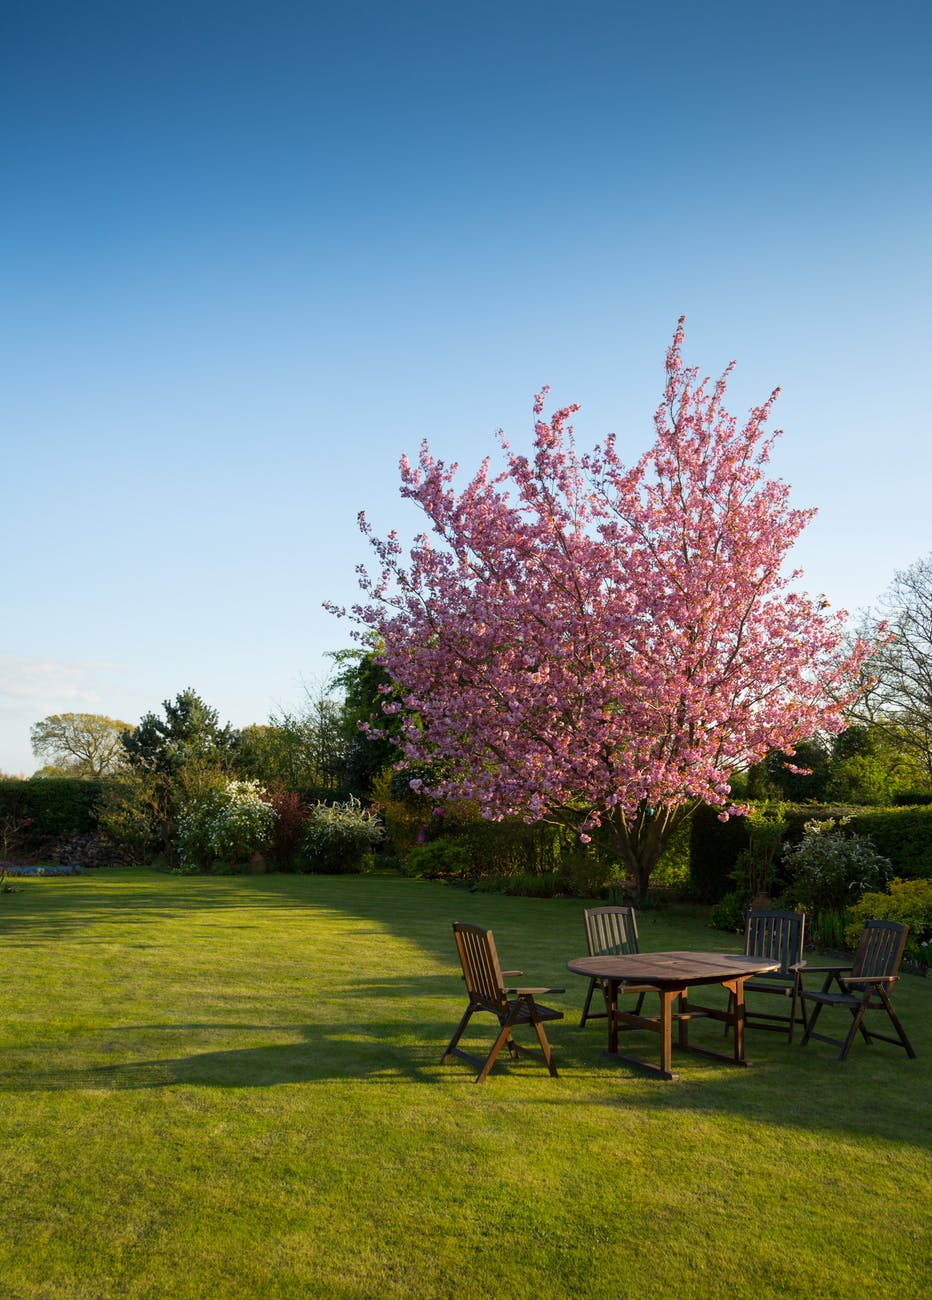 Urejanje vrta in okolice hiše - zasaditve in obrezovanje